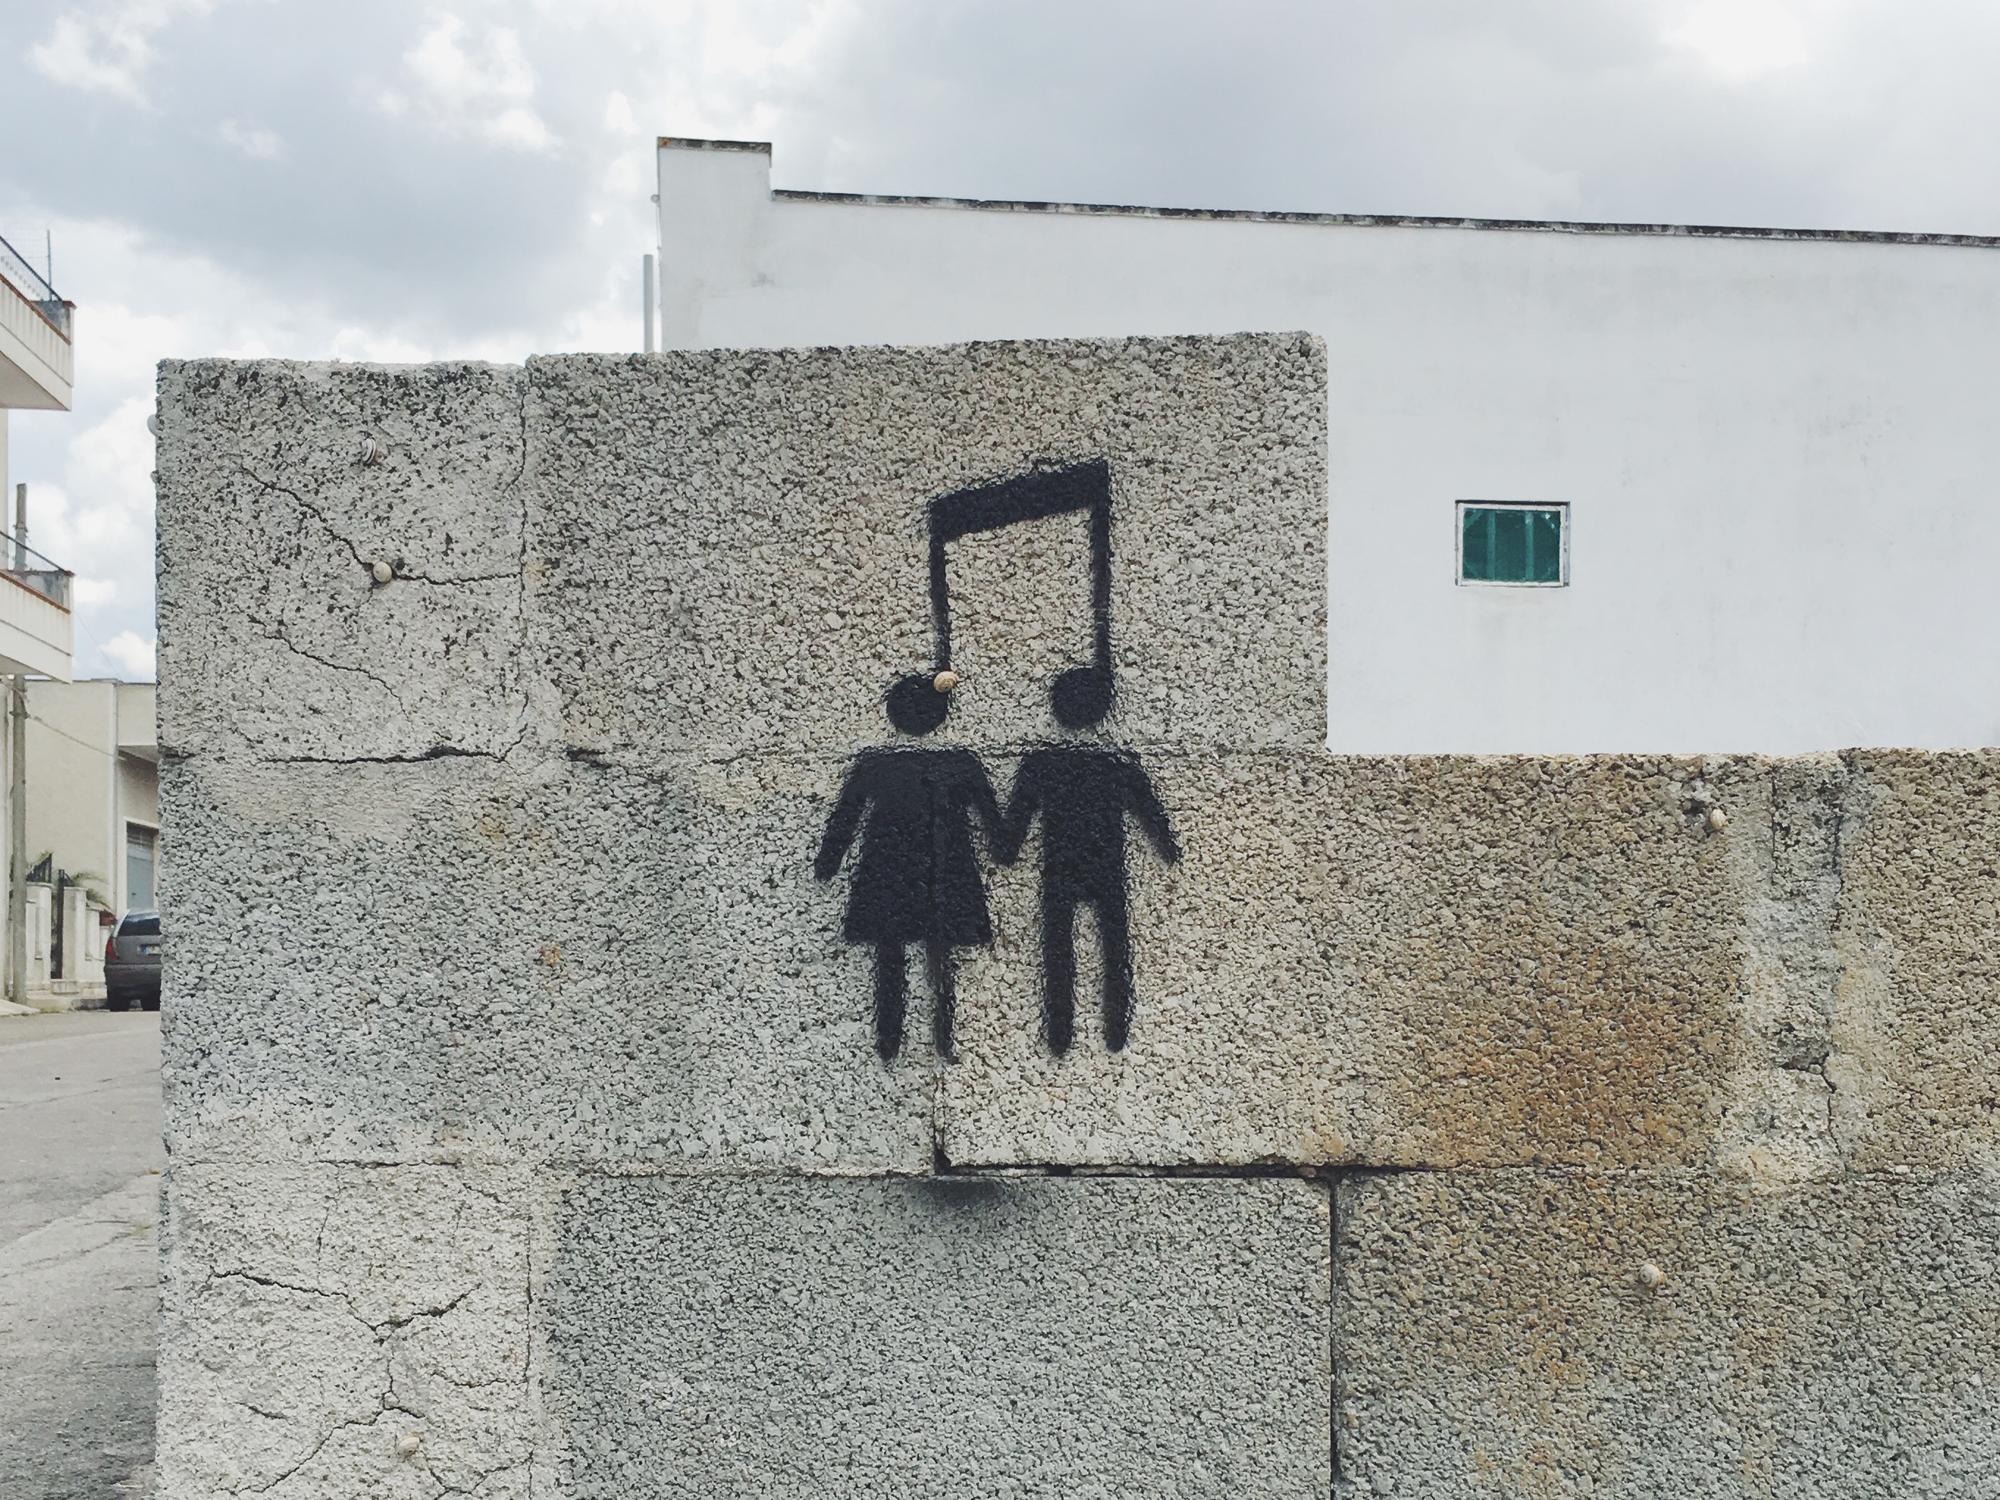 Martignano, Salento 2016 - Street Art :)